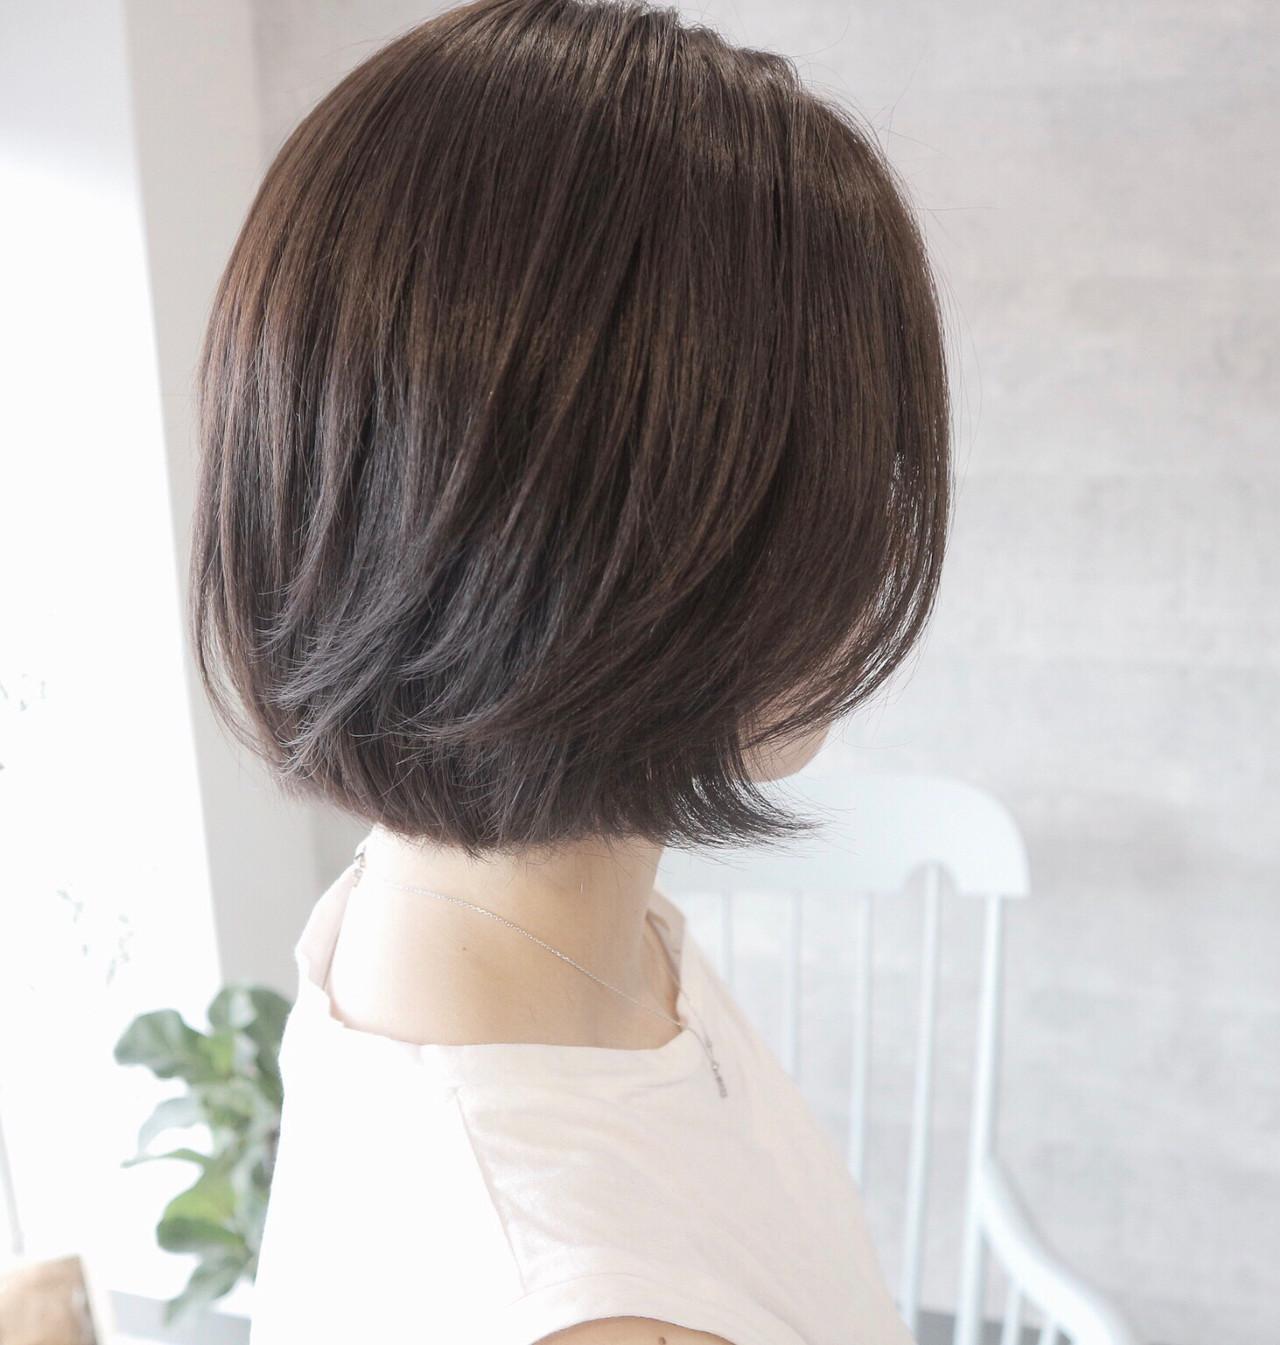 グレージュ ナチュラル パーティ 成人式 ヘアスタイルや髪型の写真・画像 | 桑村亮太/CALIF hair store / 函館/CALIF hair store/キャリフ ヘアストア